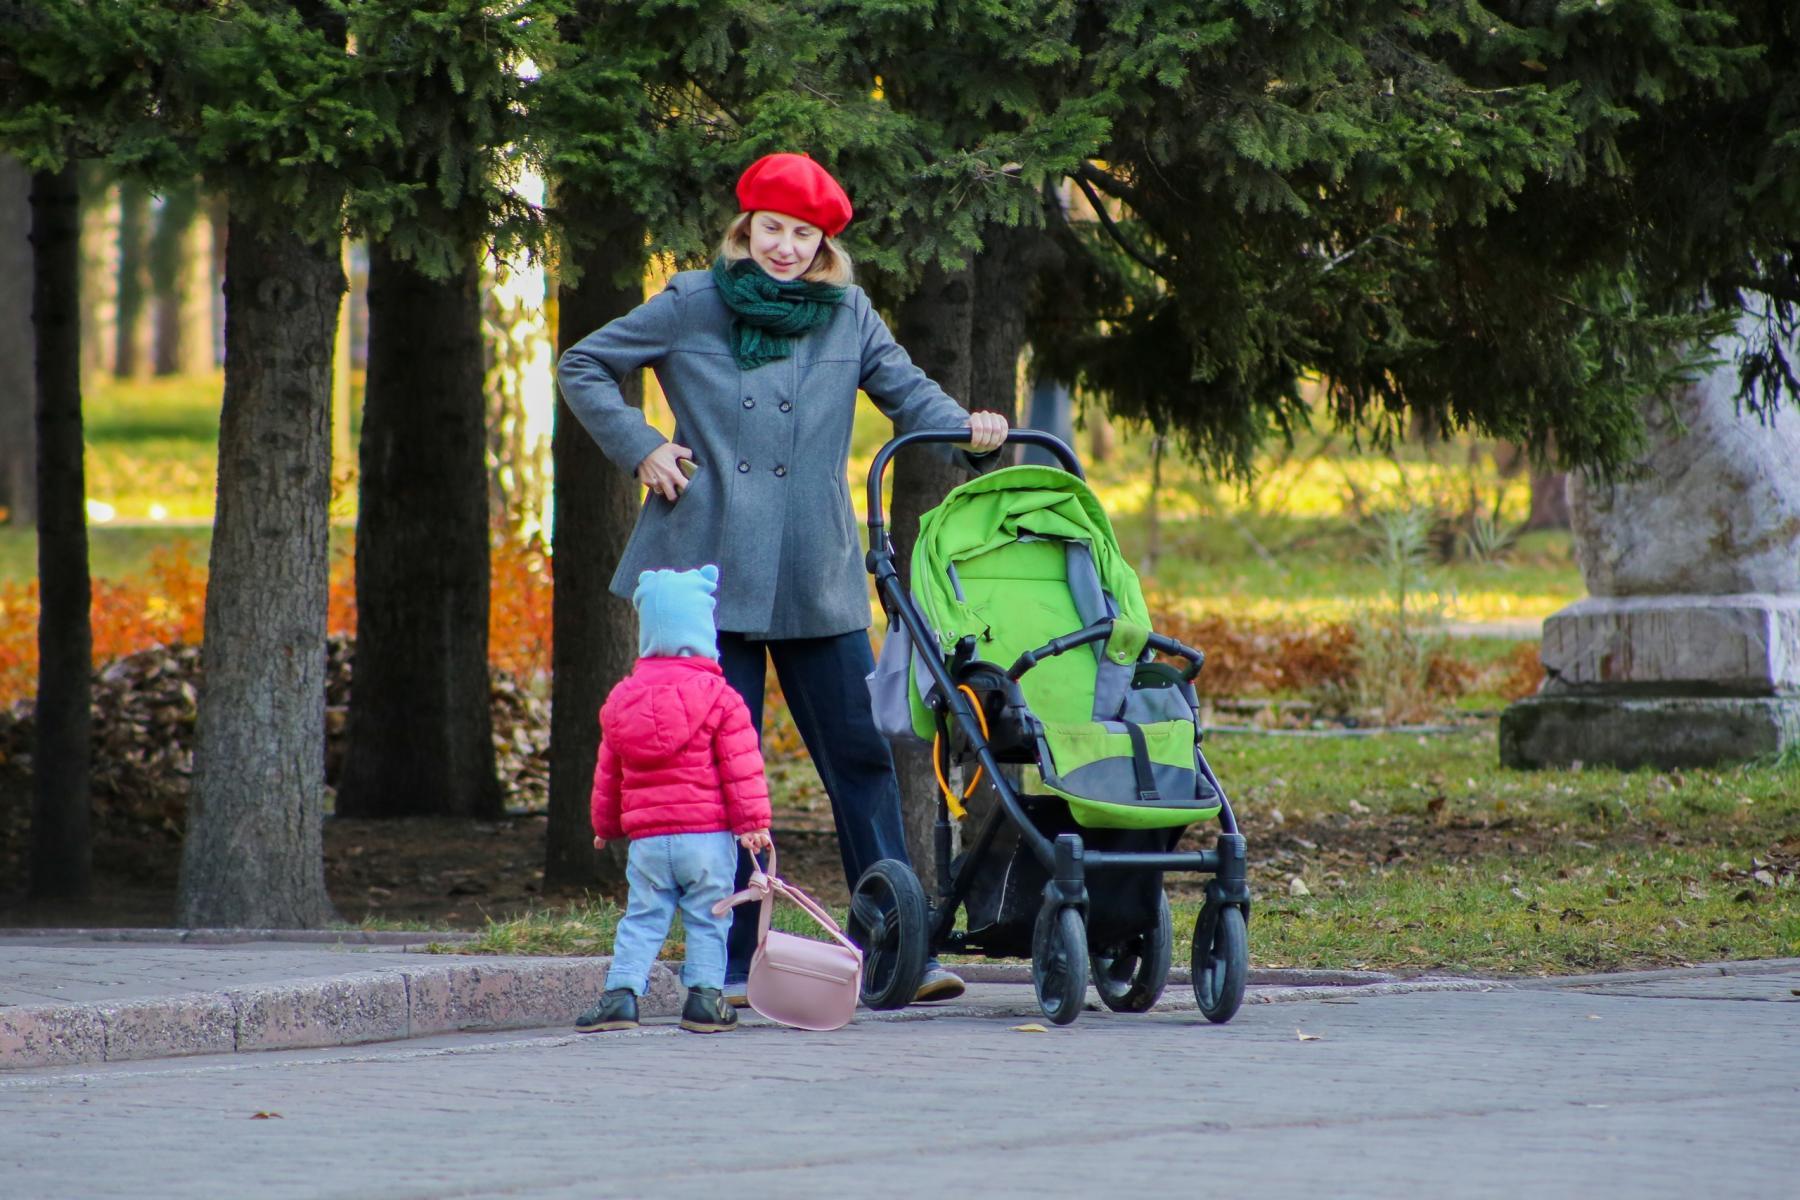 фото Полный список: какие детские пособия будут выплачивать в ноябре 2020 2